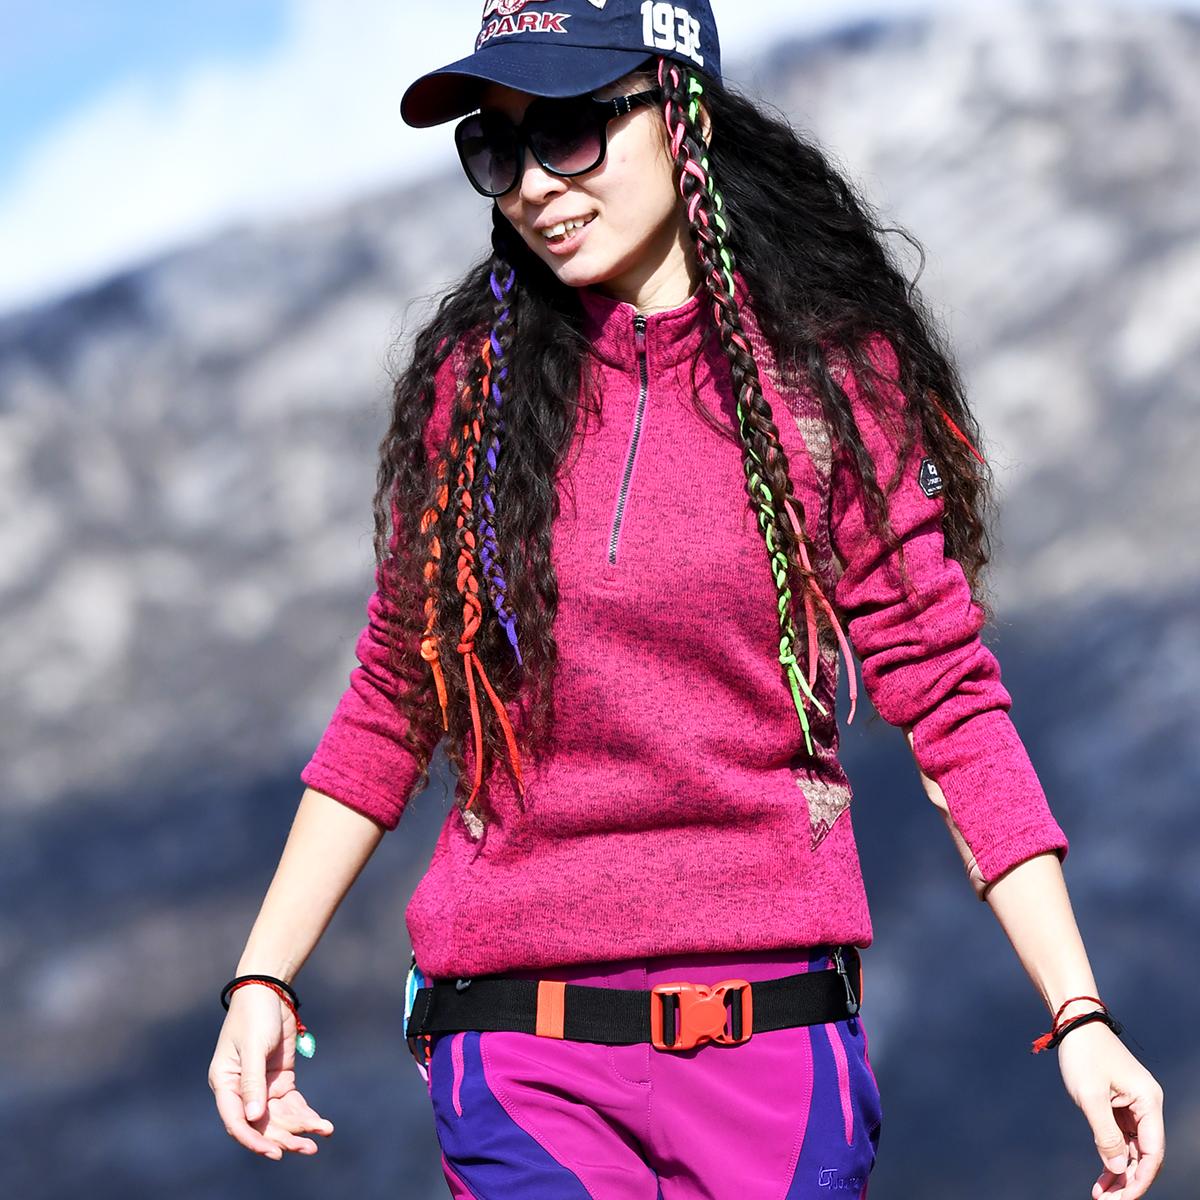 Пекин лес семья весенний и осенний сезон. теплый воздухопроницаемый эластичность вязание шерсть хеджирование рубашка длинный рукав поддержка тонкий большой женский размер